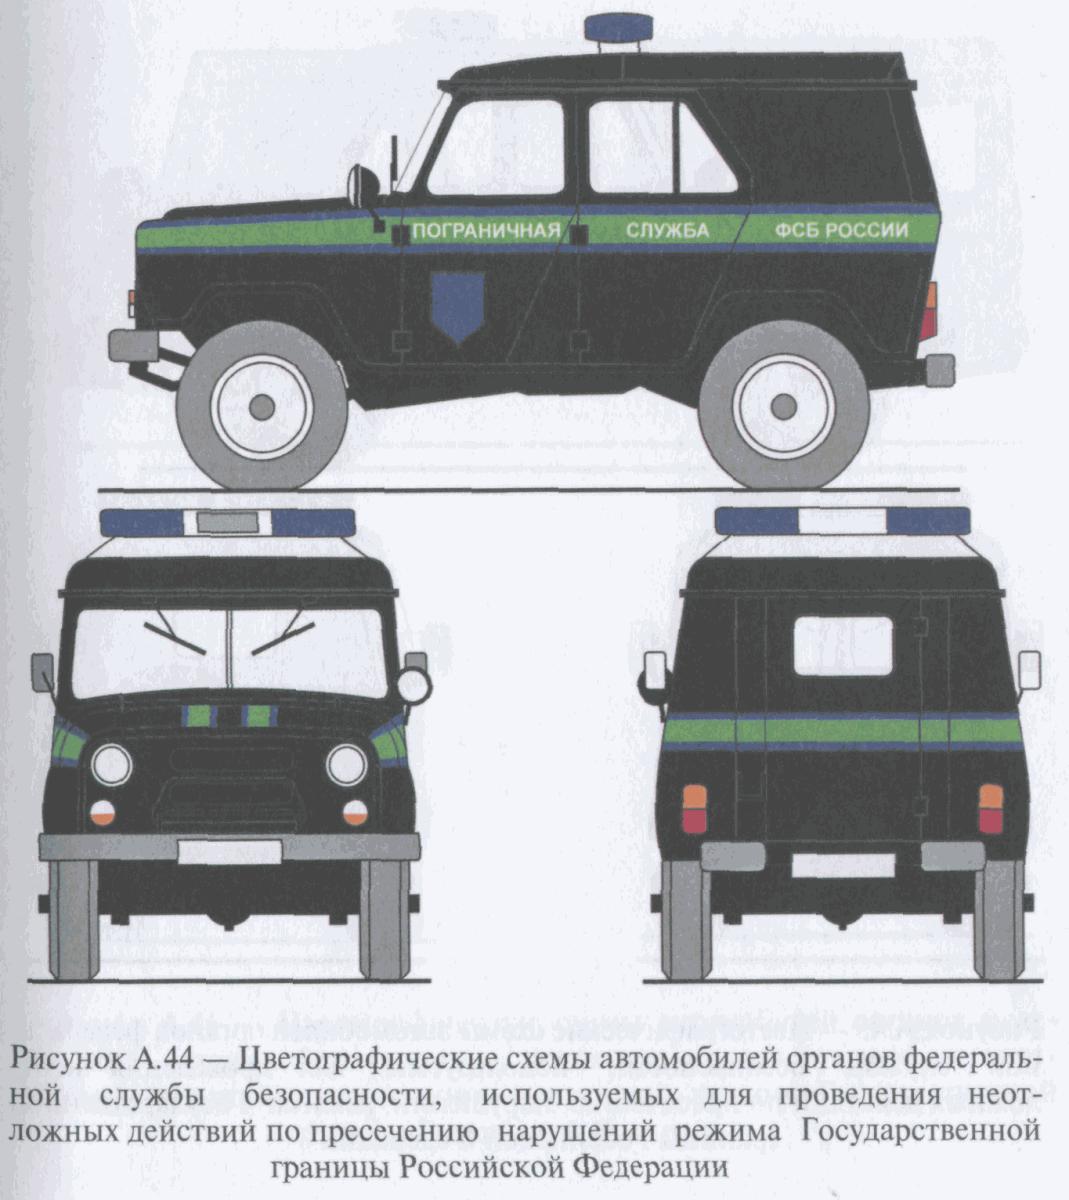 РИСУНОК A.44 (К ИЗМЕНЕНИЮ N 2 ГОСТ Р 50574-2002)